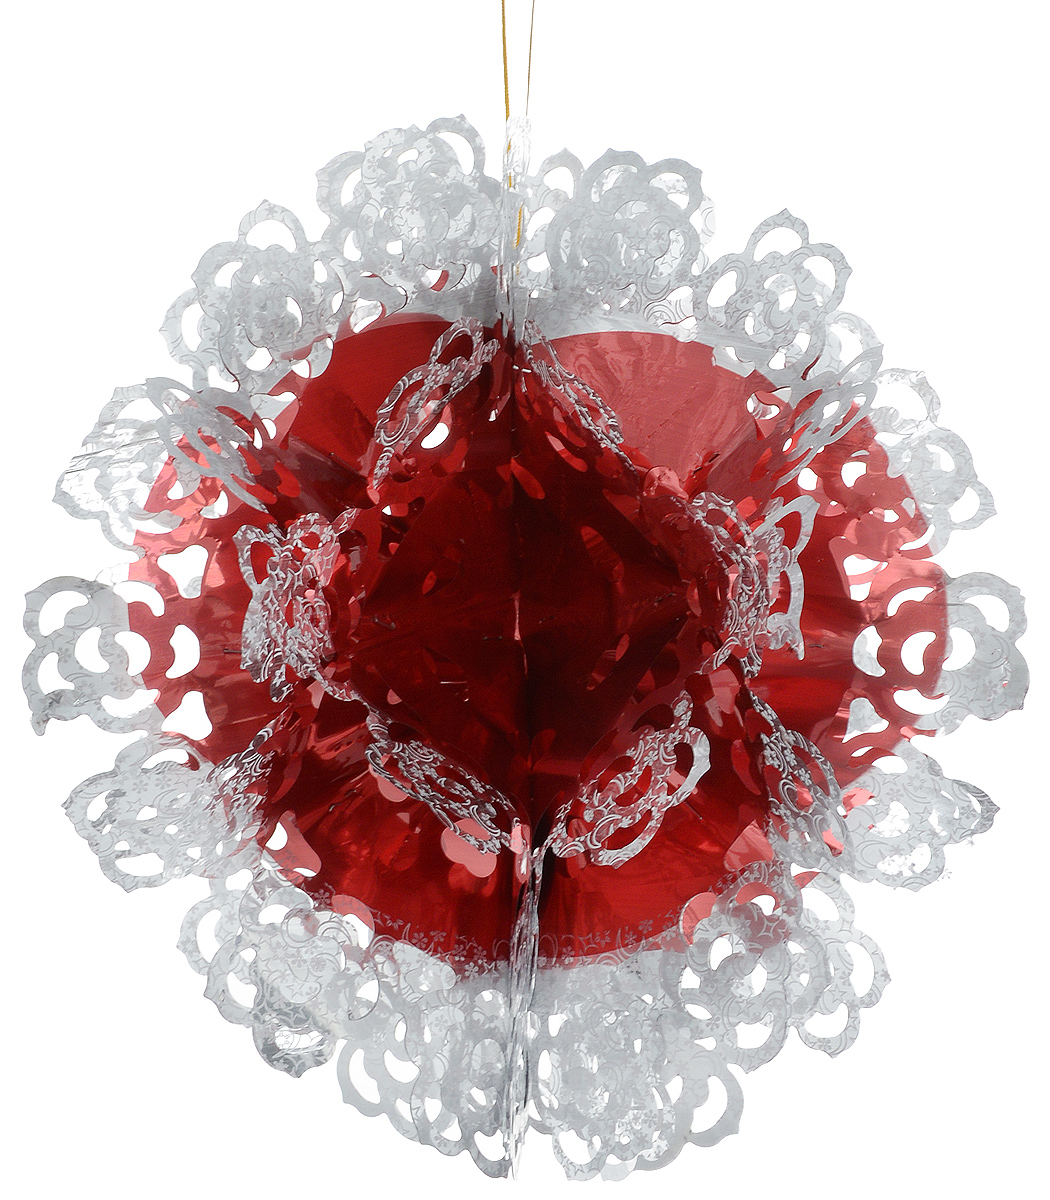 Гирлянда новогодняя Magic Time Шар ажурный красно-белый, 26 x 13 см42120Новогодняя гирлянда Magic Time Шар ажурный красно-белый прекрасно подойдет для декора дома. Украшение выполнено из ПЭТ. С помощью специальной петельки гирлянду можно повесить в любом понравившемся вам месте. Легко складывается и раскладывается.Новогодние украшения несут в себе волшебство и красоту праздника. Они помогут вам украсить дом к предстоящим праздникам и оживить интерьер по вашему вкусу. Создайте в доме атмосферу тепла, веселья и радости, украшая его всей семьей.